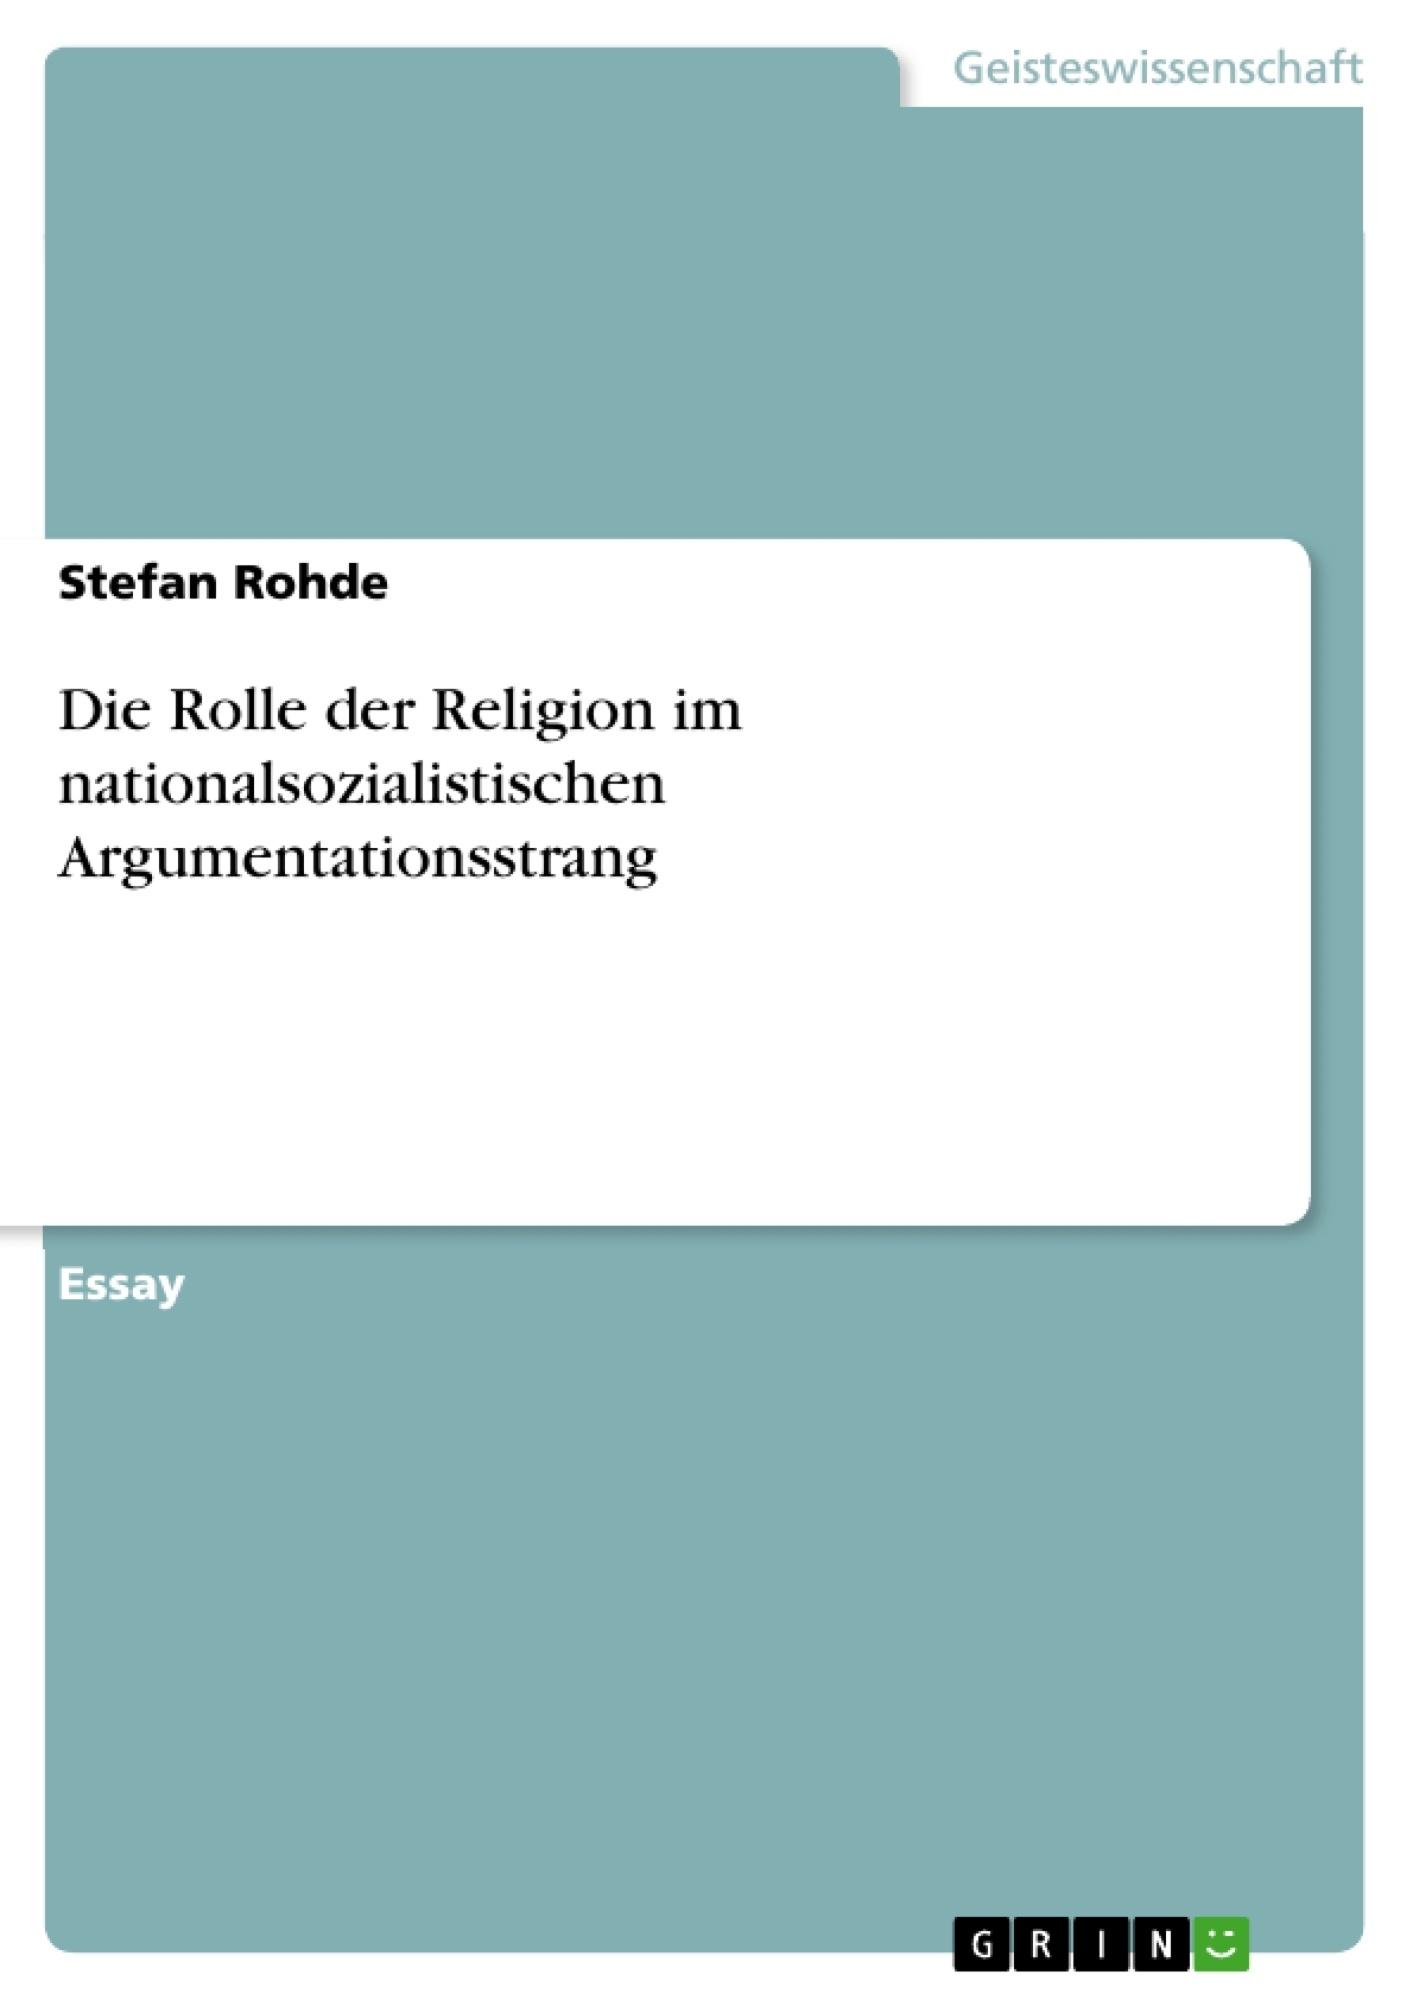 Titel: Die Rolle der Religion im  nationalsozialistischen Argumentationsstrang